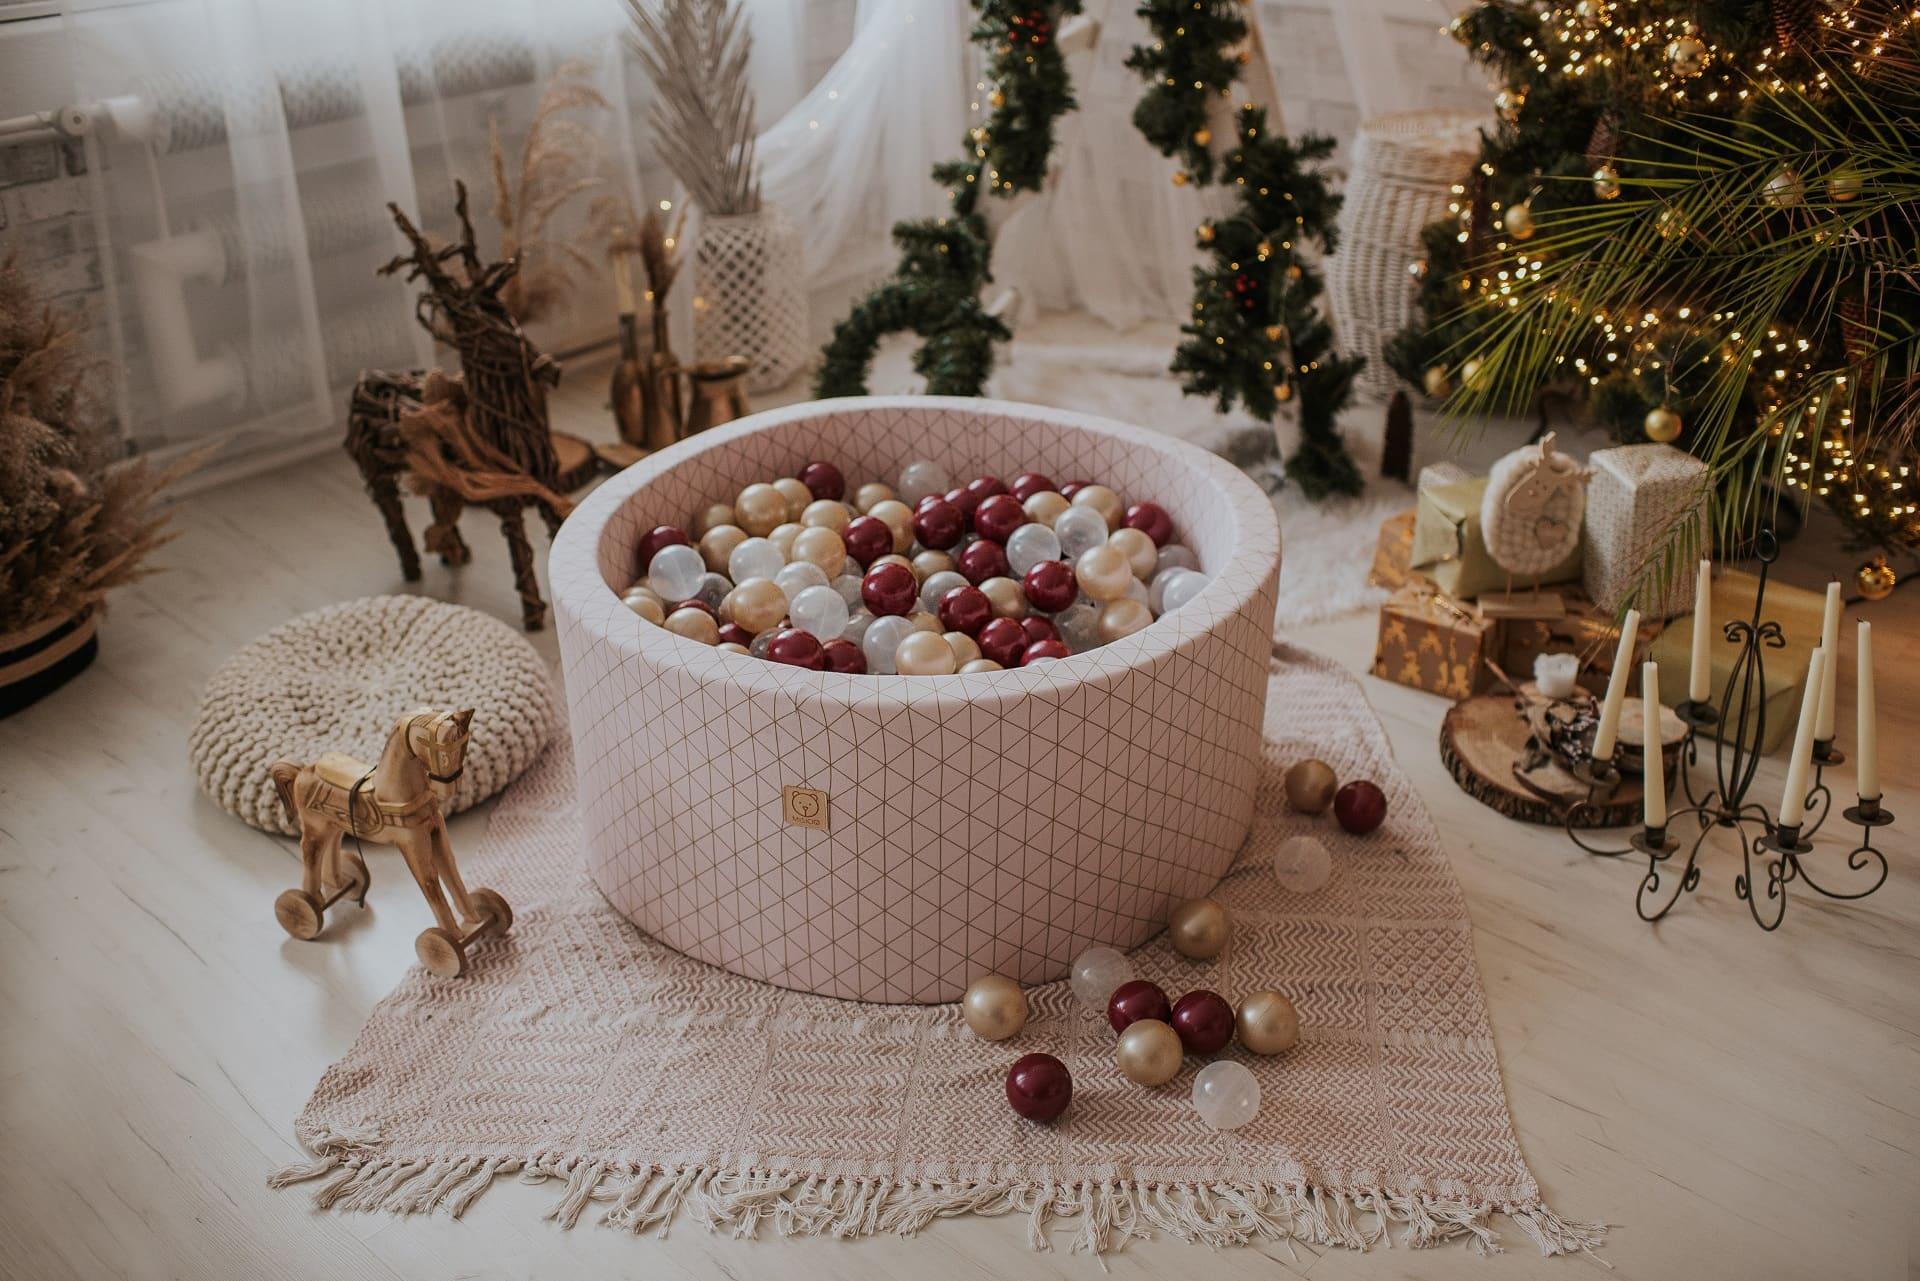 5 propozycji zabawek dla dziecka na święta